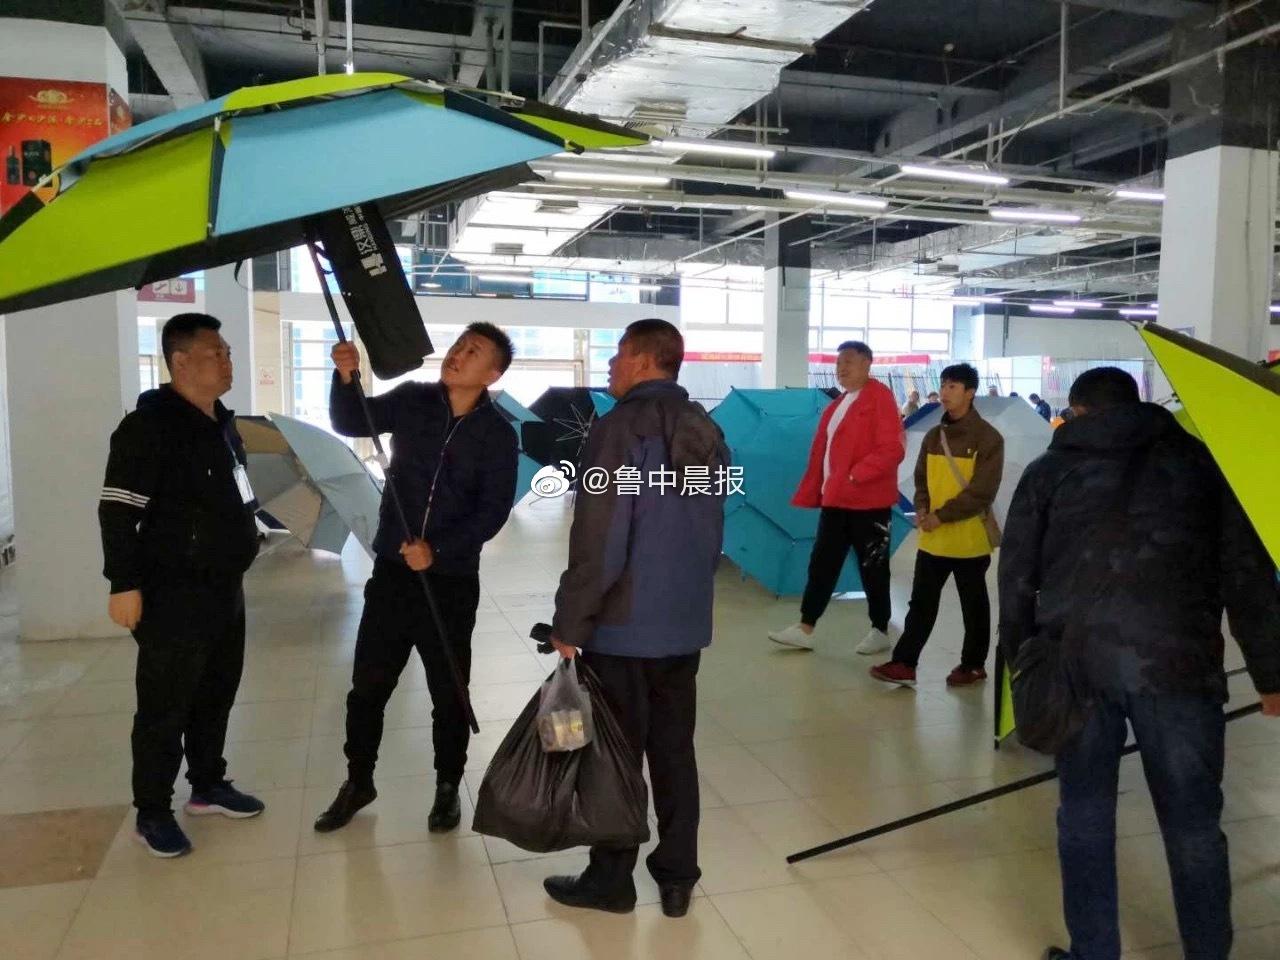 这两天,淄博国际会展中心咋这么多人?居然是首届山东国际渔具展